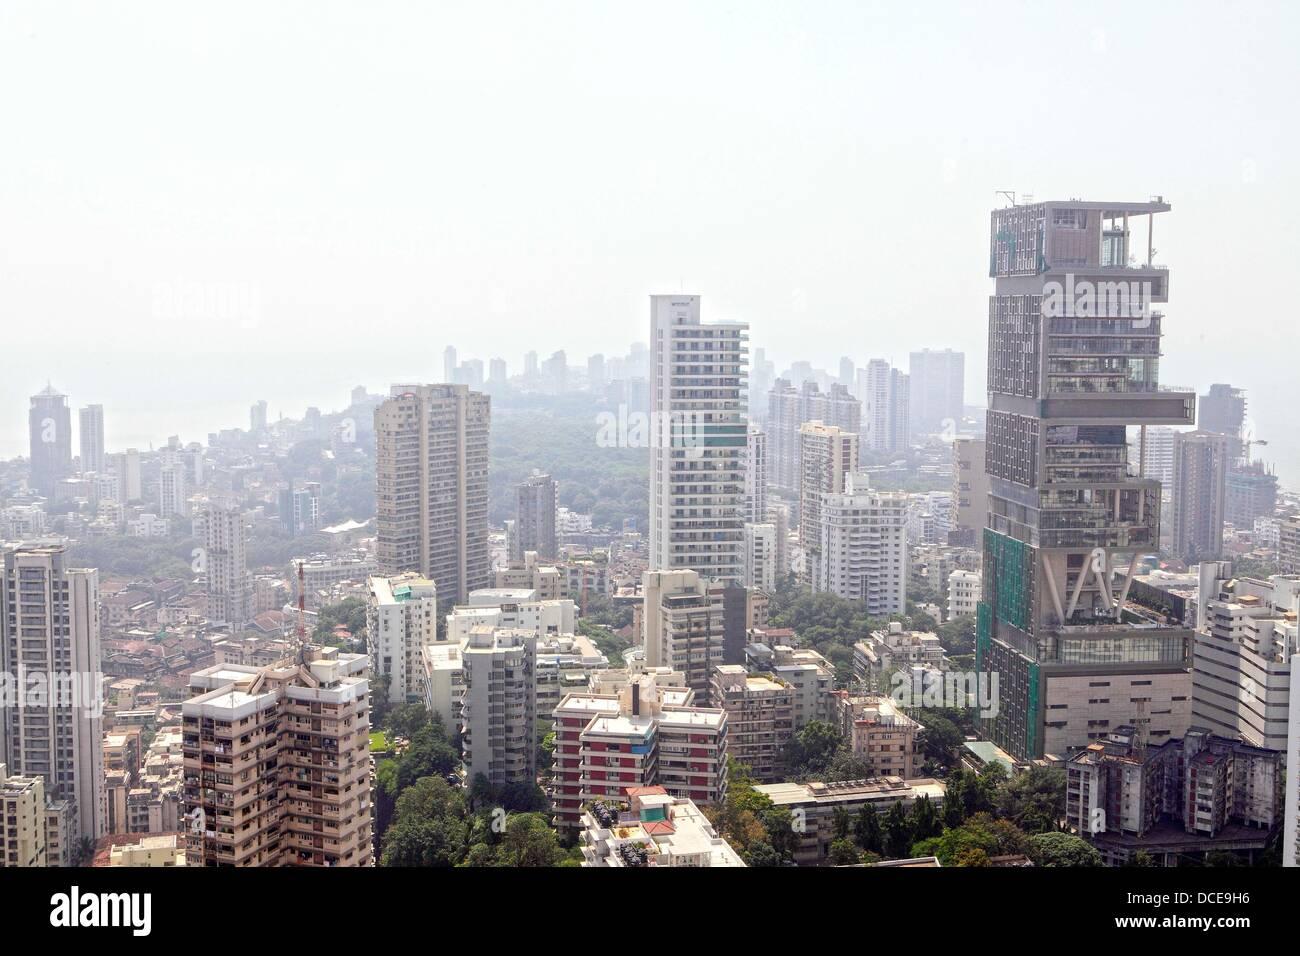 November 2, 2010 - Mumbai, Maharashtra, India - Ariel view of the Skyline of  Mumbai shows newly constrcuted luxury Stock Photo